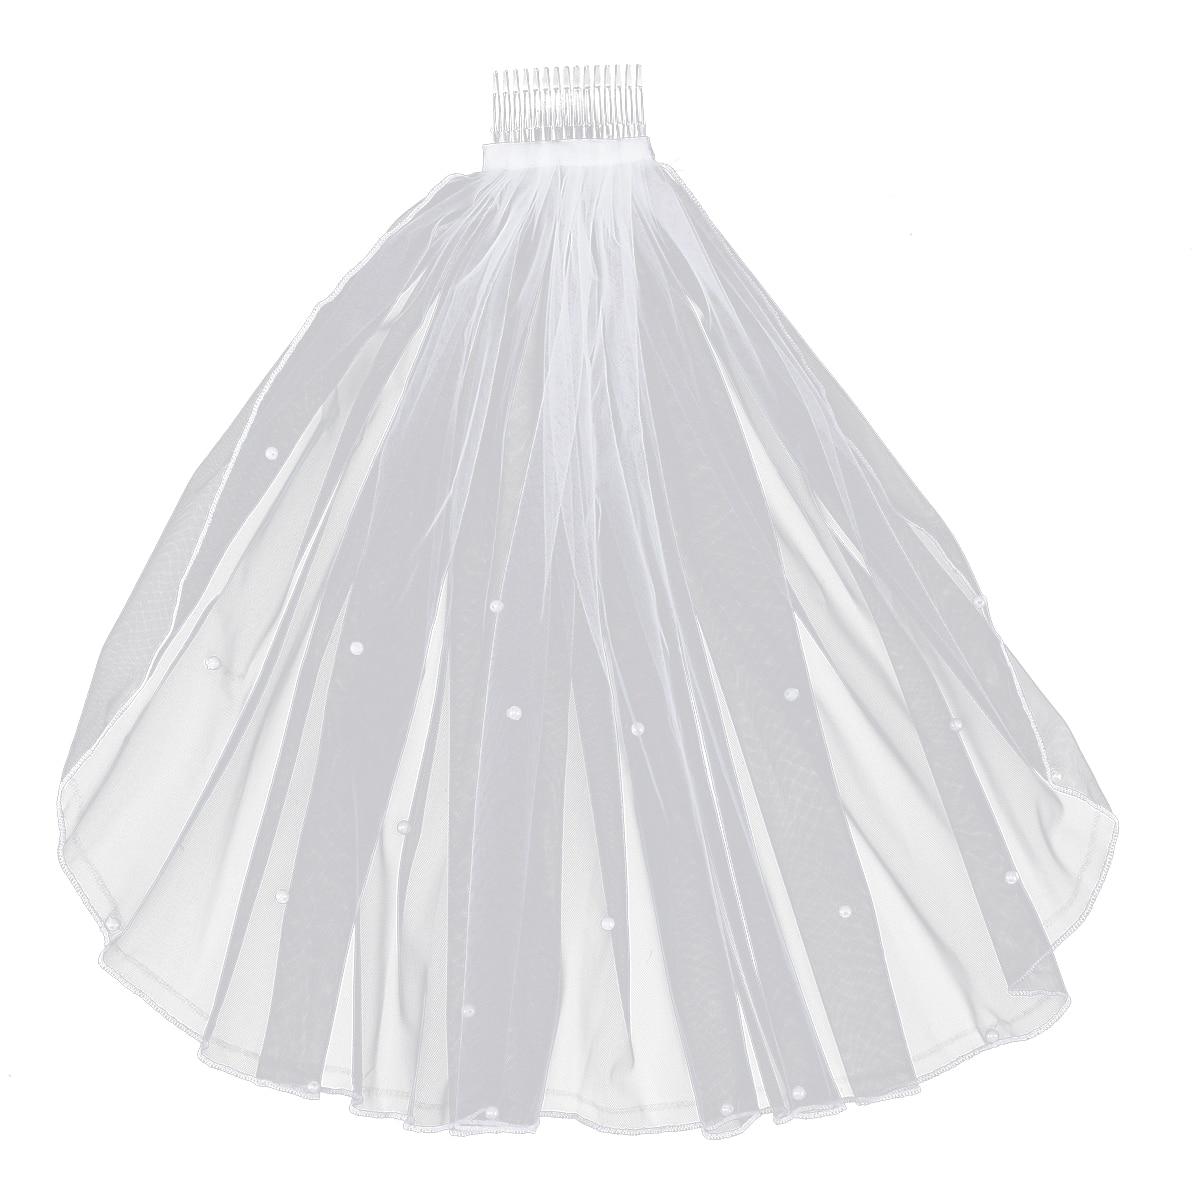 1 шт. свадебная вуаль для собора белая Элегантная короткая перламутровая